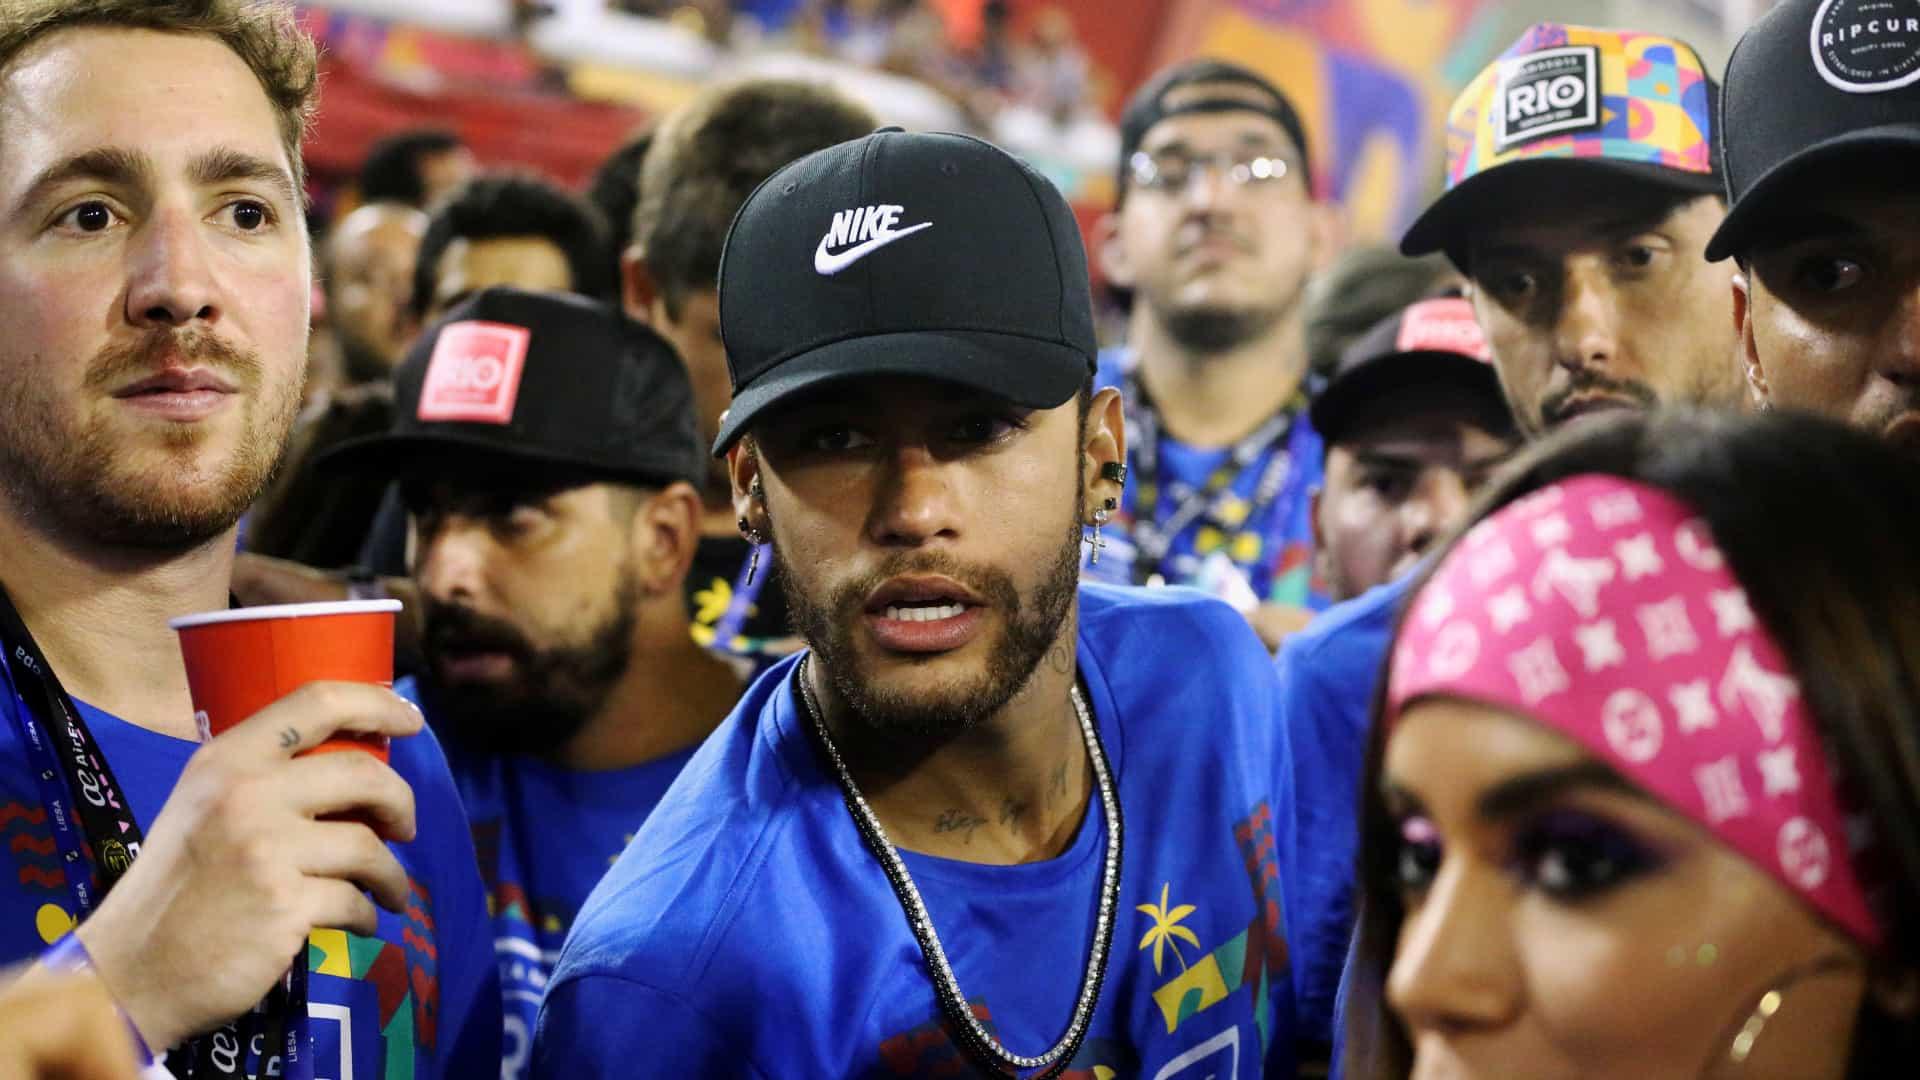 naom 5c7ebc91a4940 - Após tratamento no Brasil e Carnaval, Neymar segue cartilha do PSG